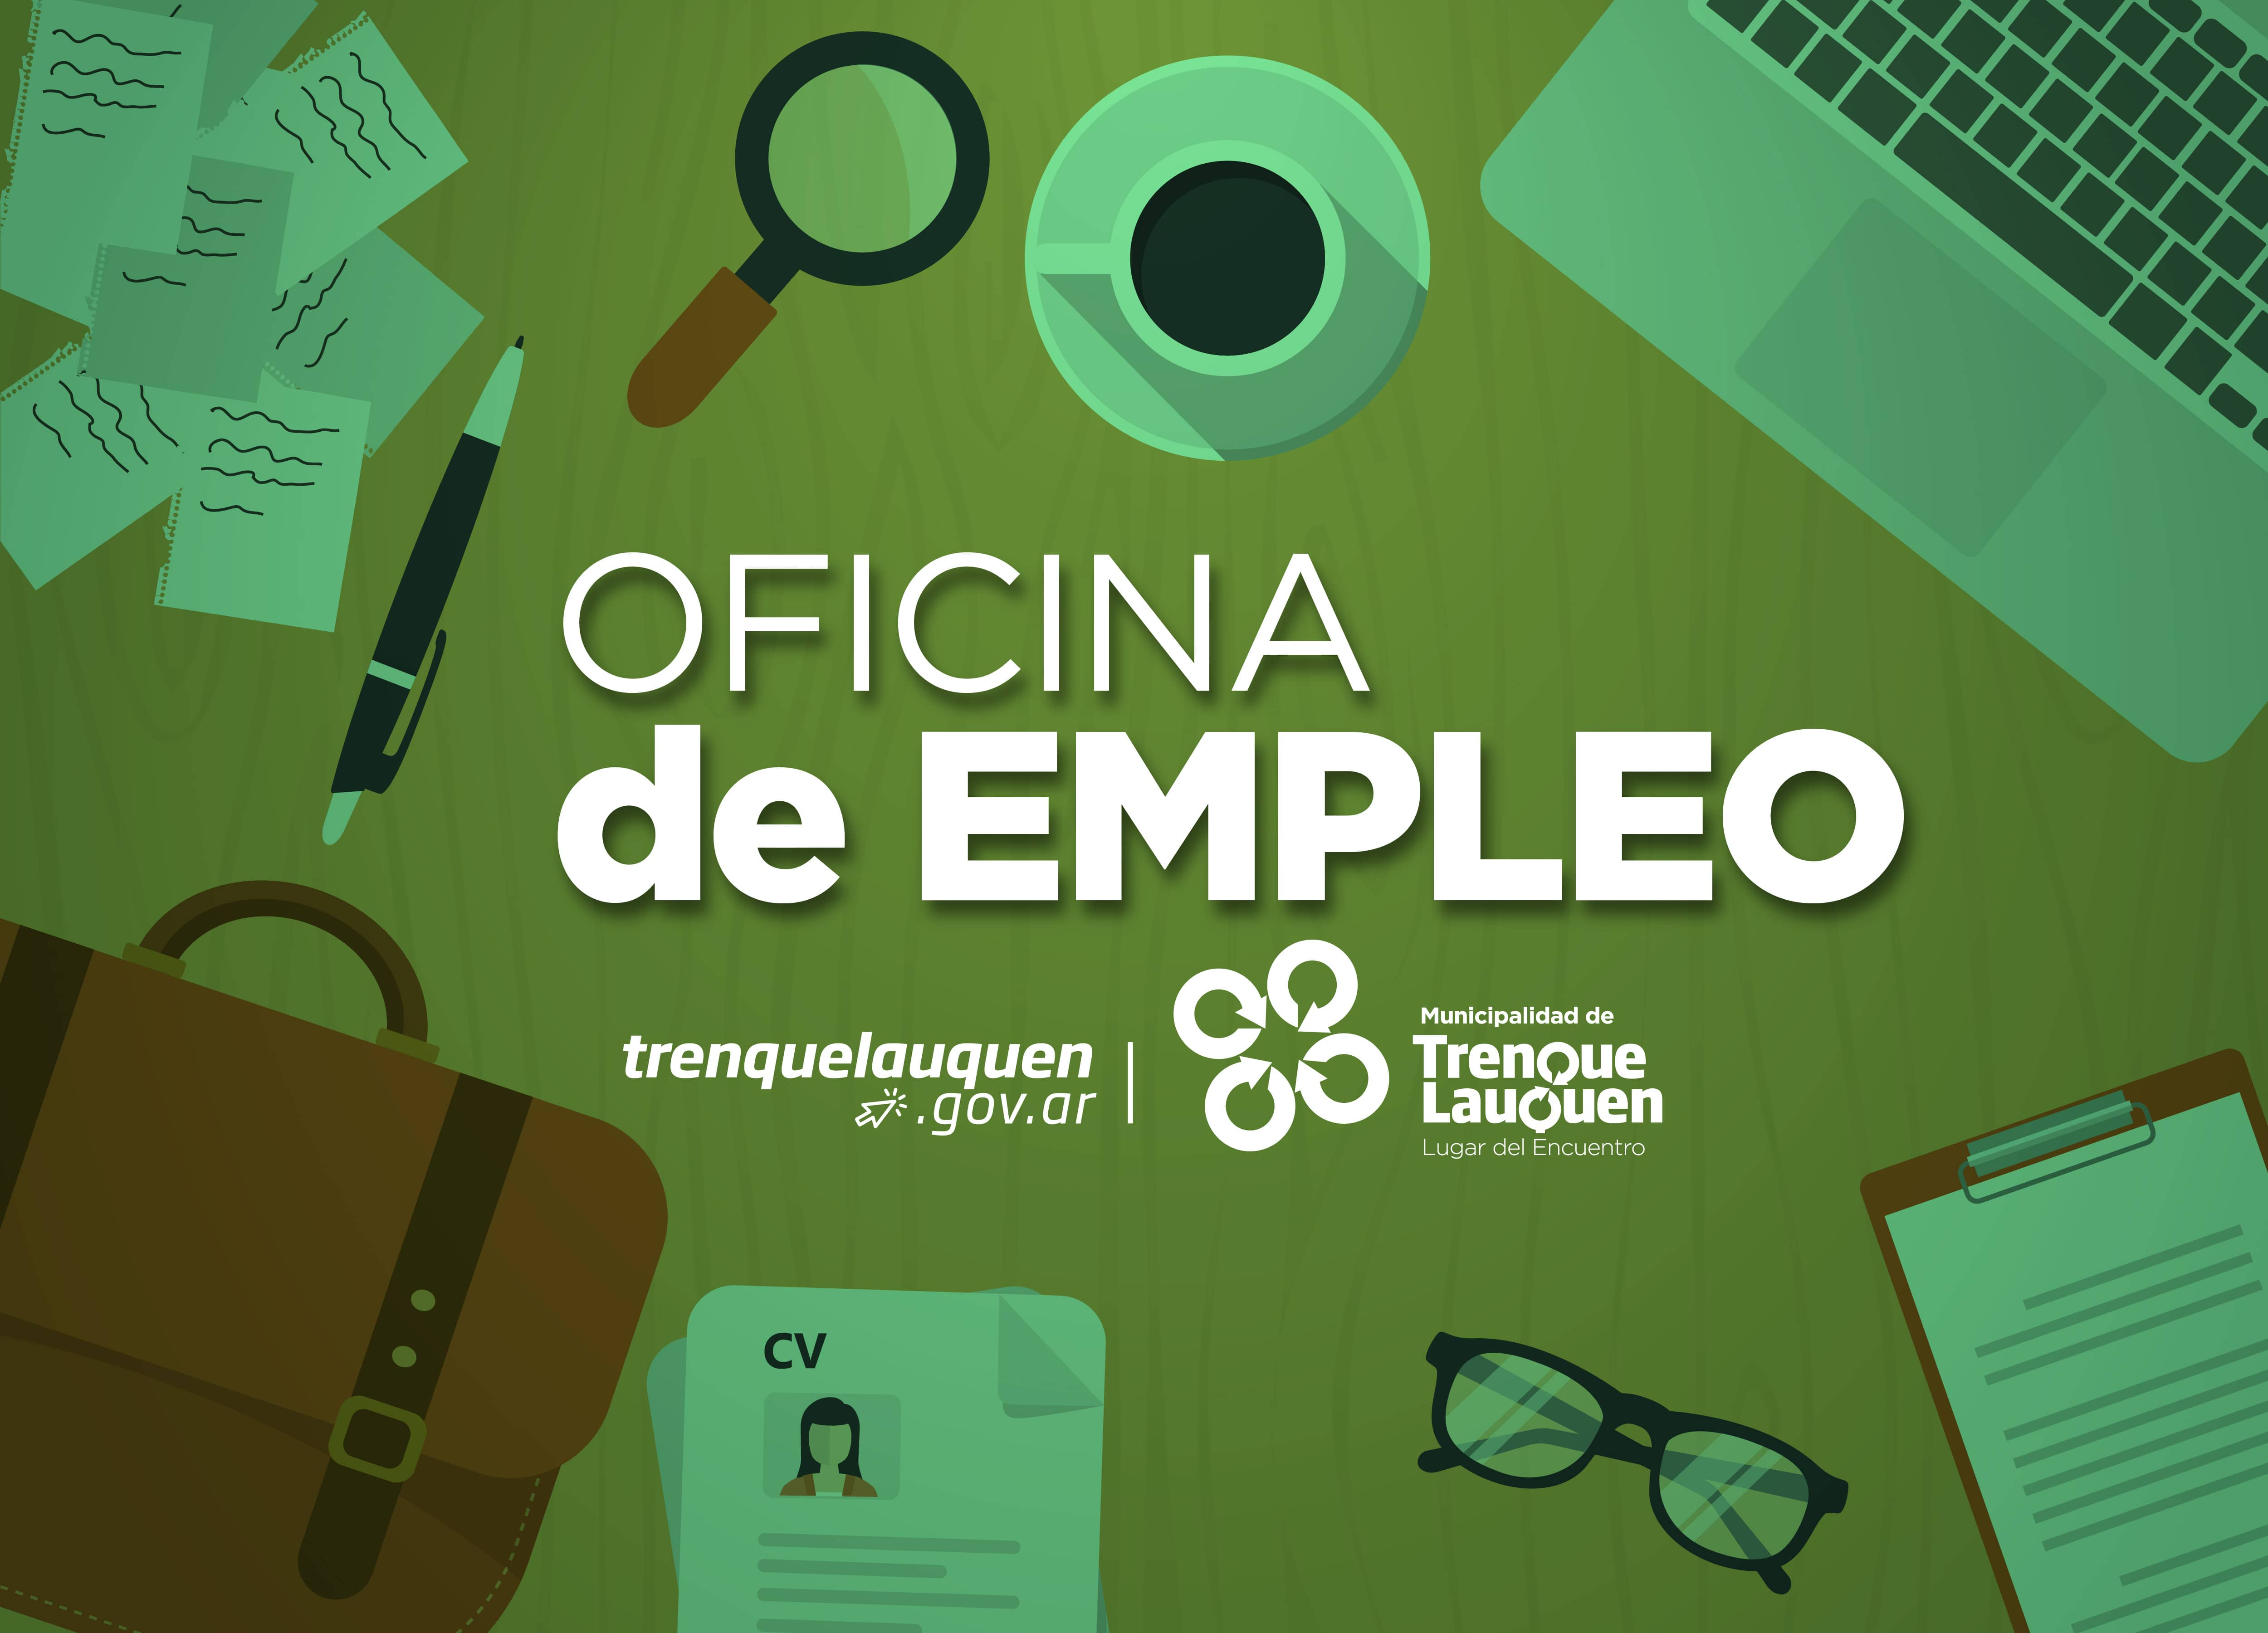 Oficina de empleo 4 municipalidad de trenque lauquen for Oficina virtual de empleo jccm